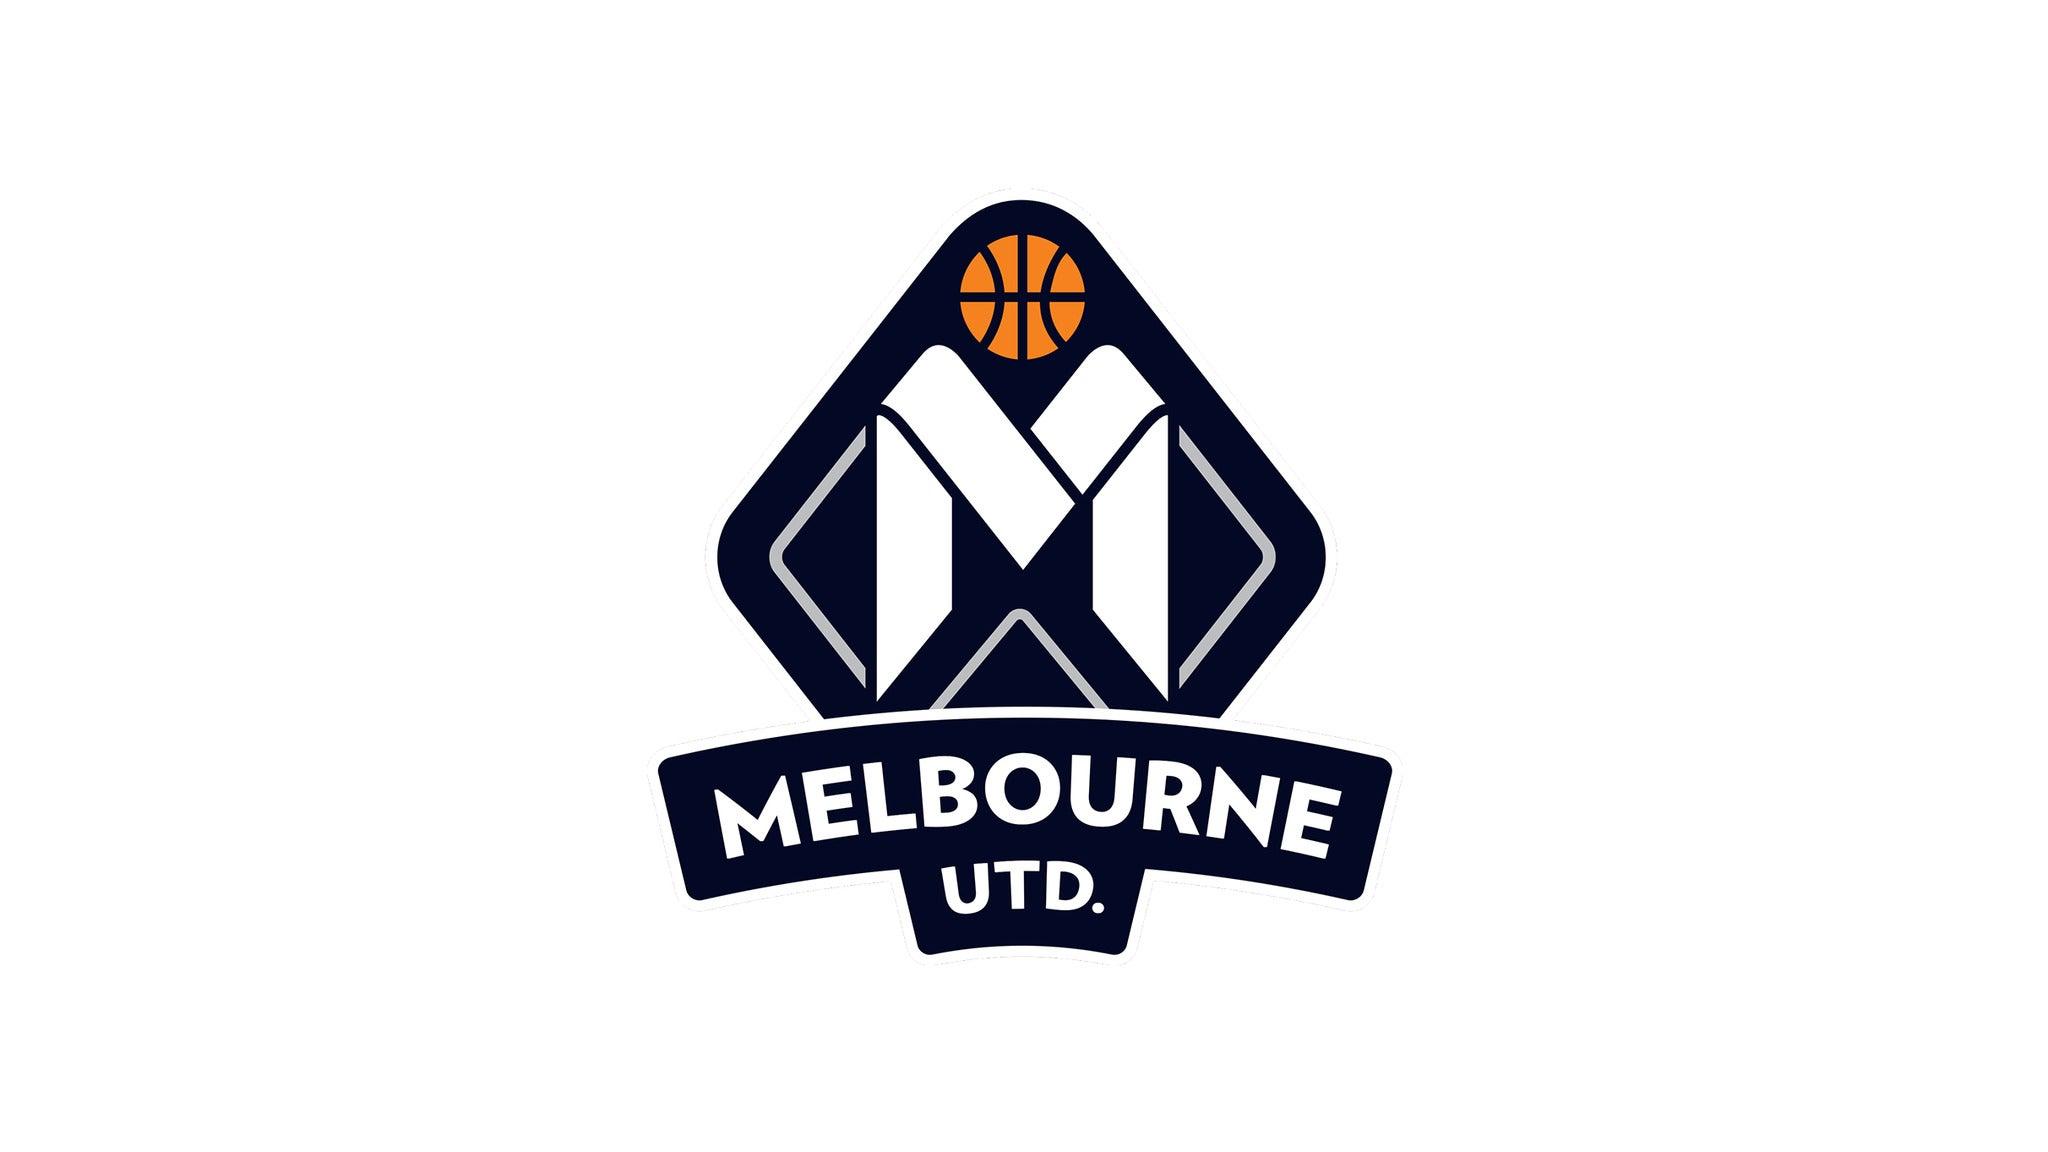 Melbourne United vs. South East Melbourne Phoenix